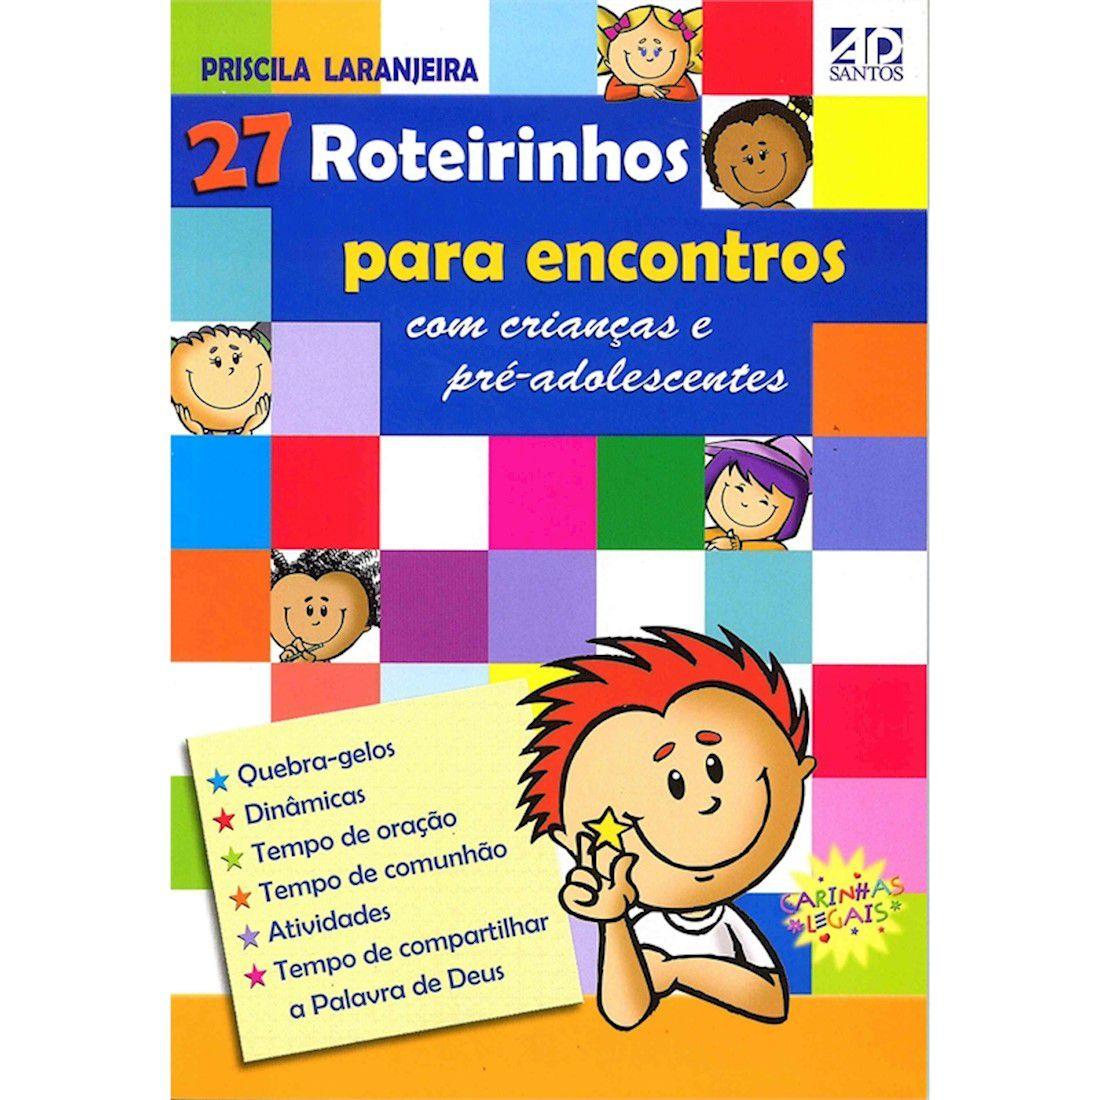 Livro 27 Roteirinhos para Encontros com Crianças e Pré-adolescentes